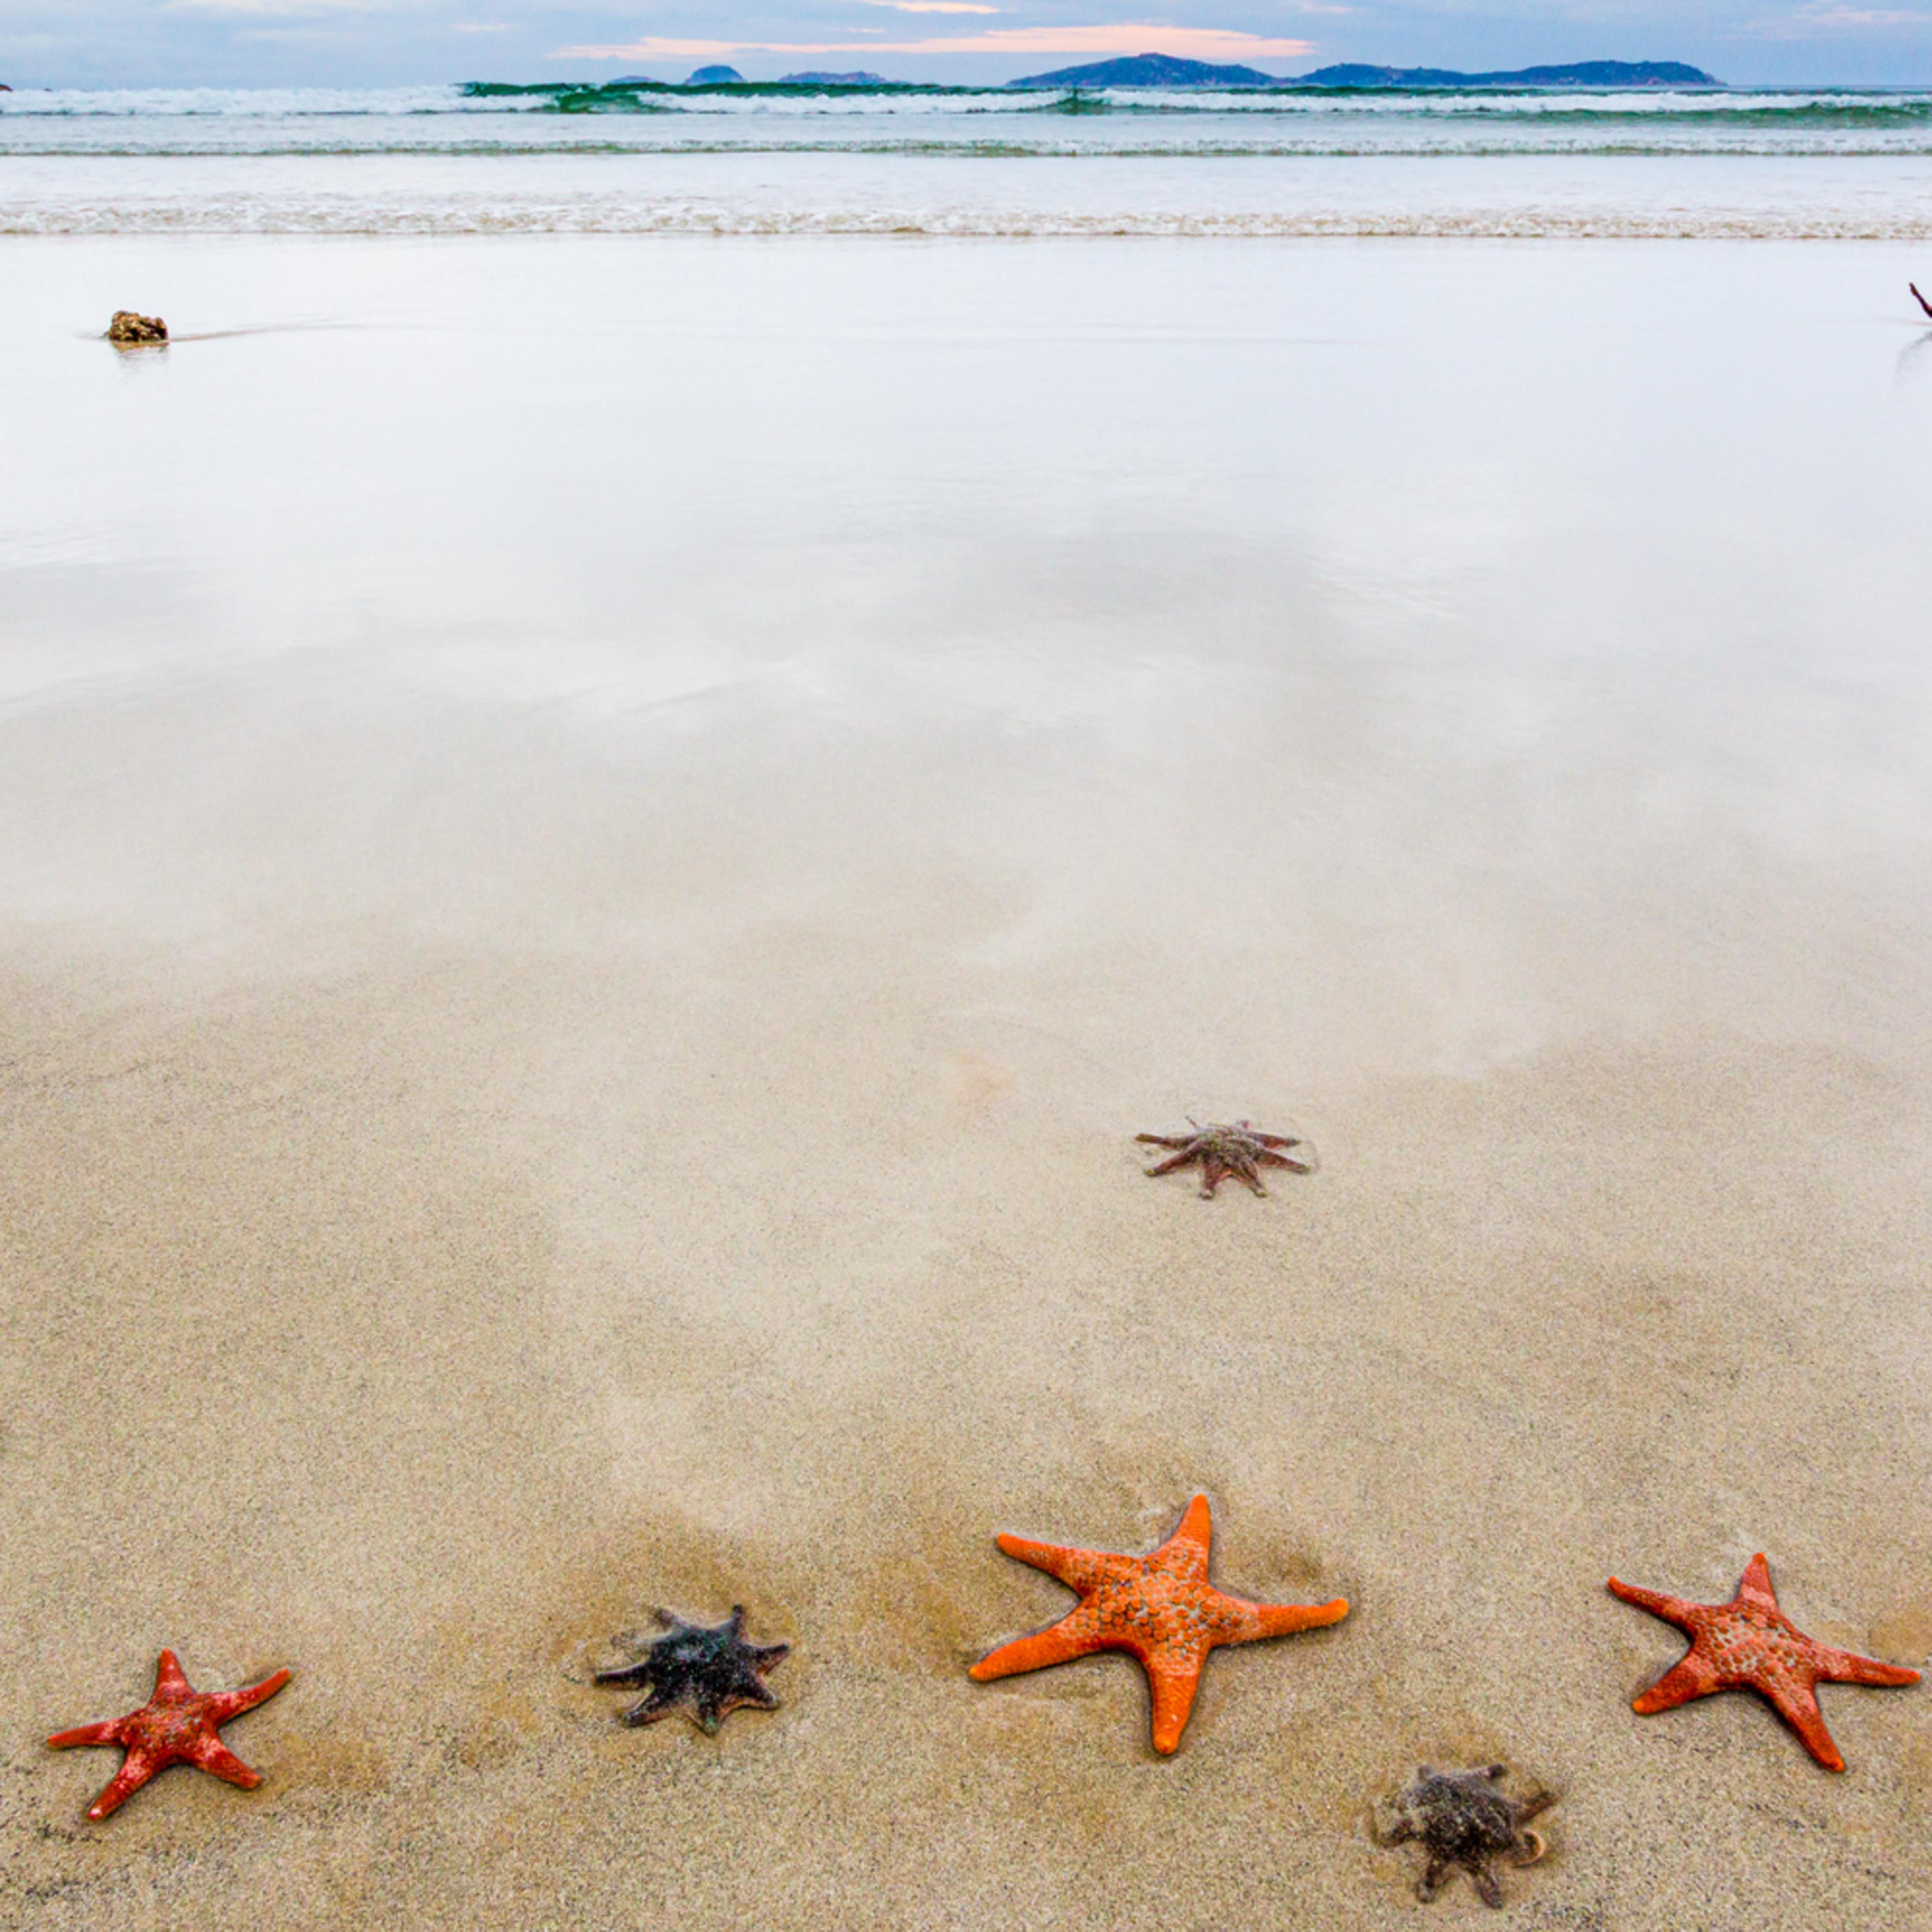 Starfish hgimzr